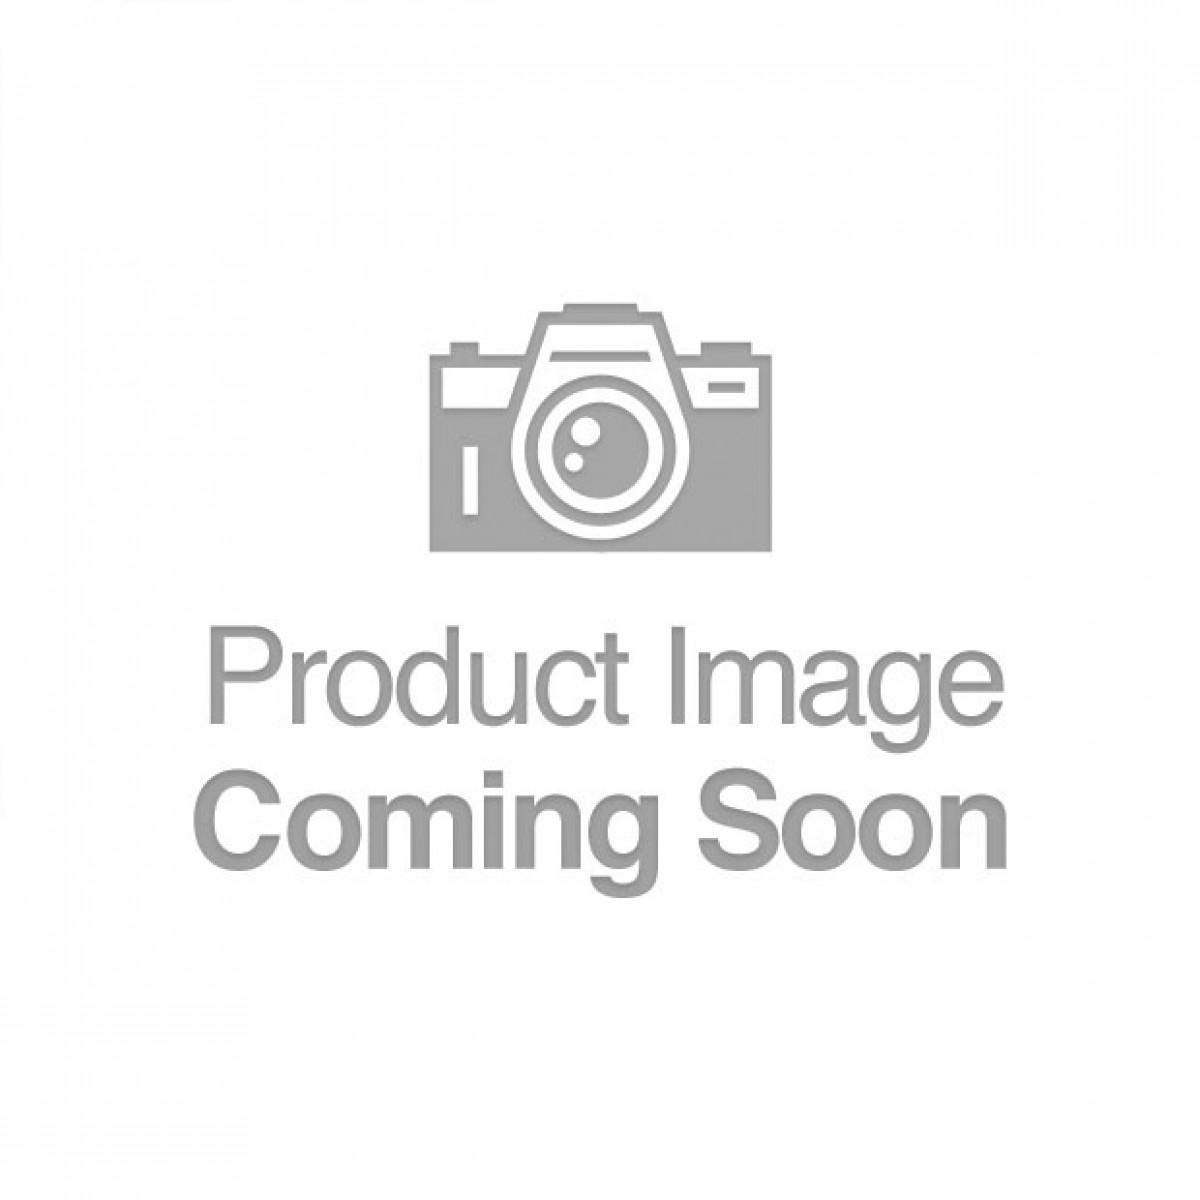 COLT Snug Grip Enhancer Ring - Black